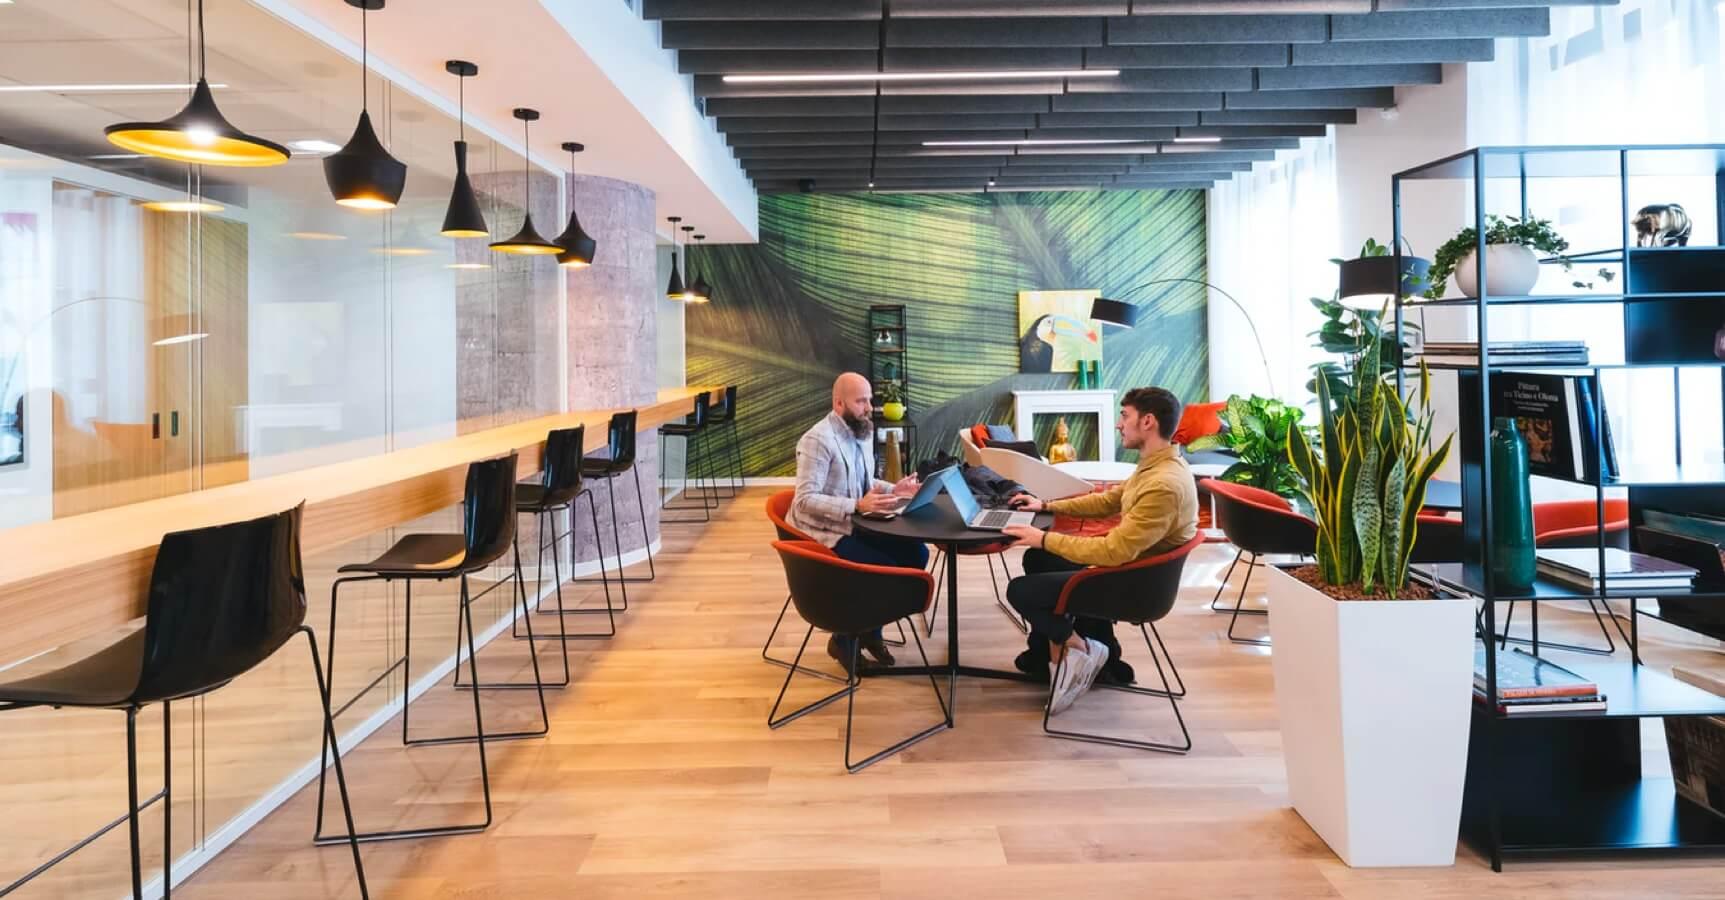 Zwei Personen in einer offenen Meeting Area